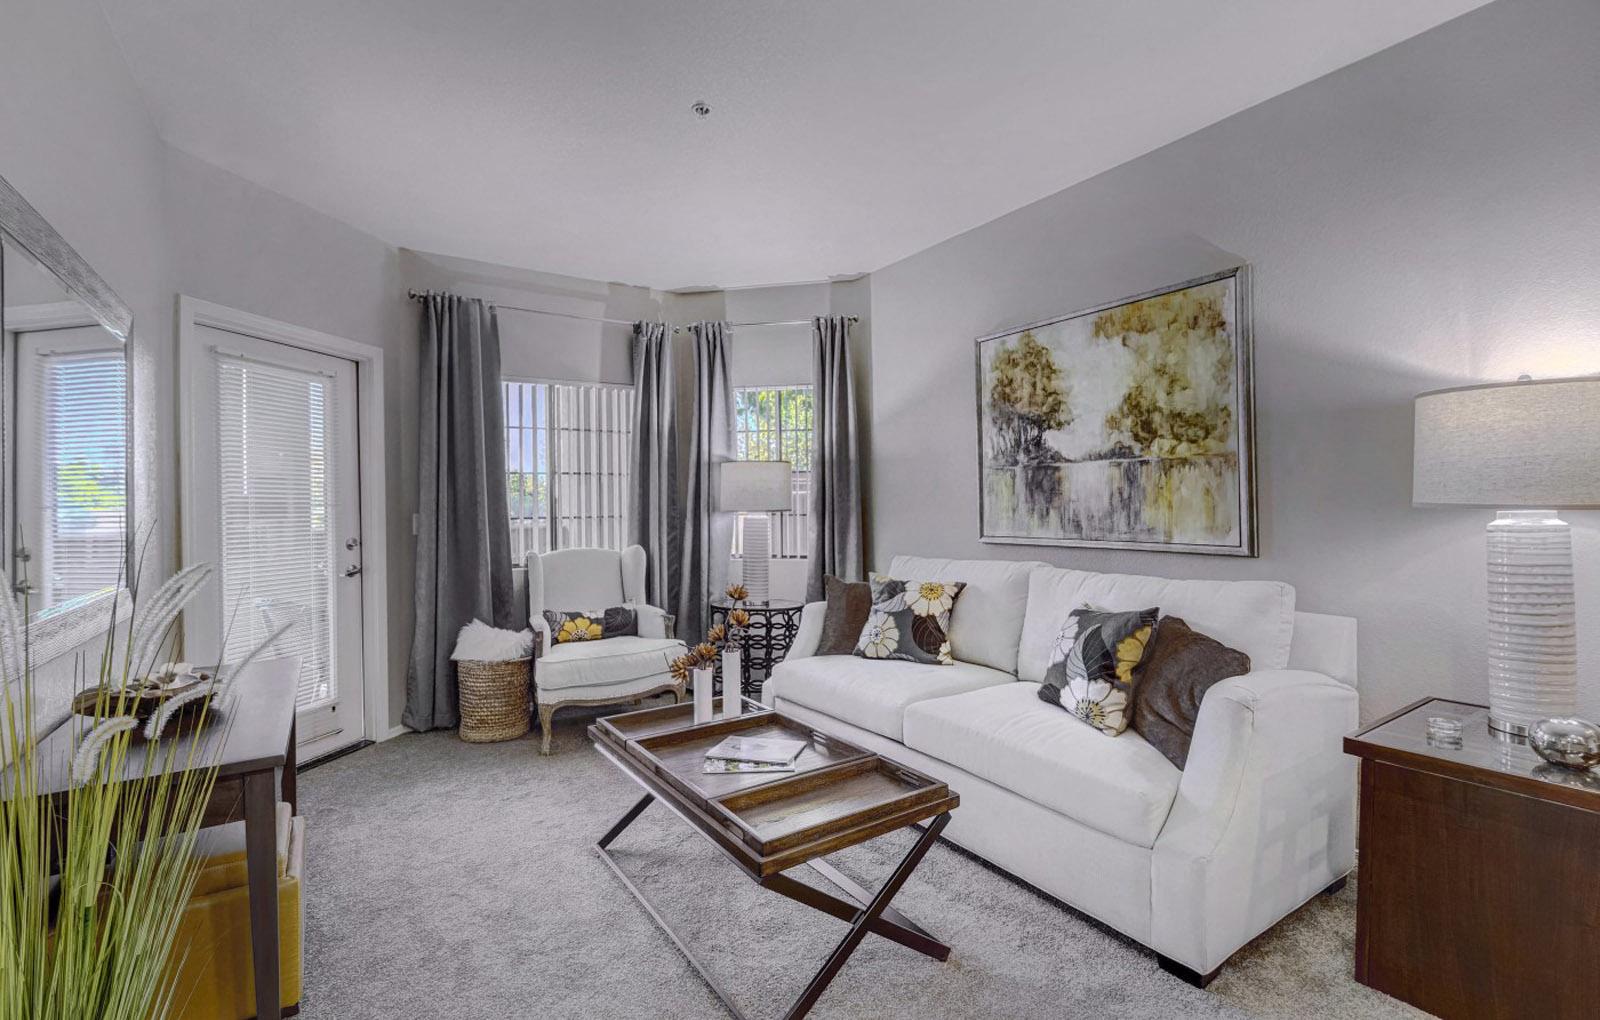 Living Room At Prescott Lakes Apartments In Prescott, AZ